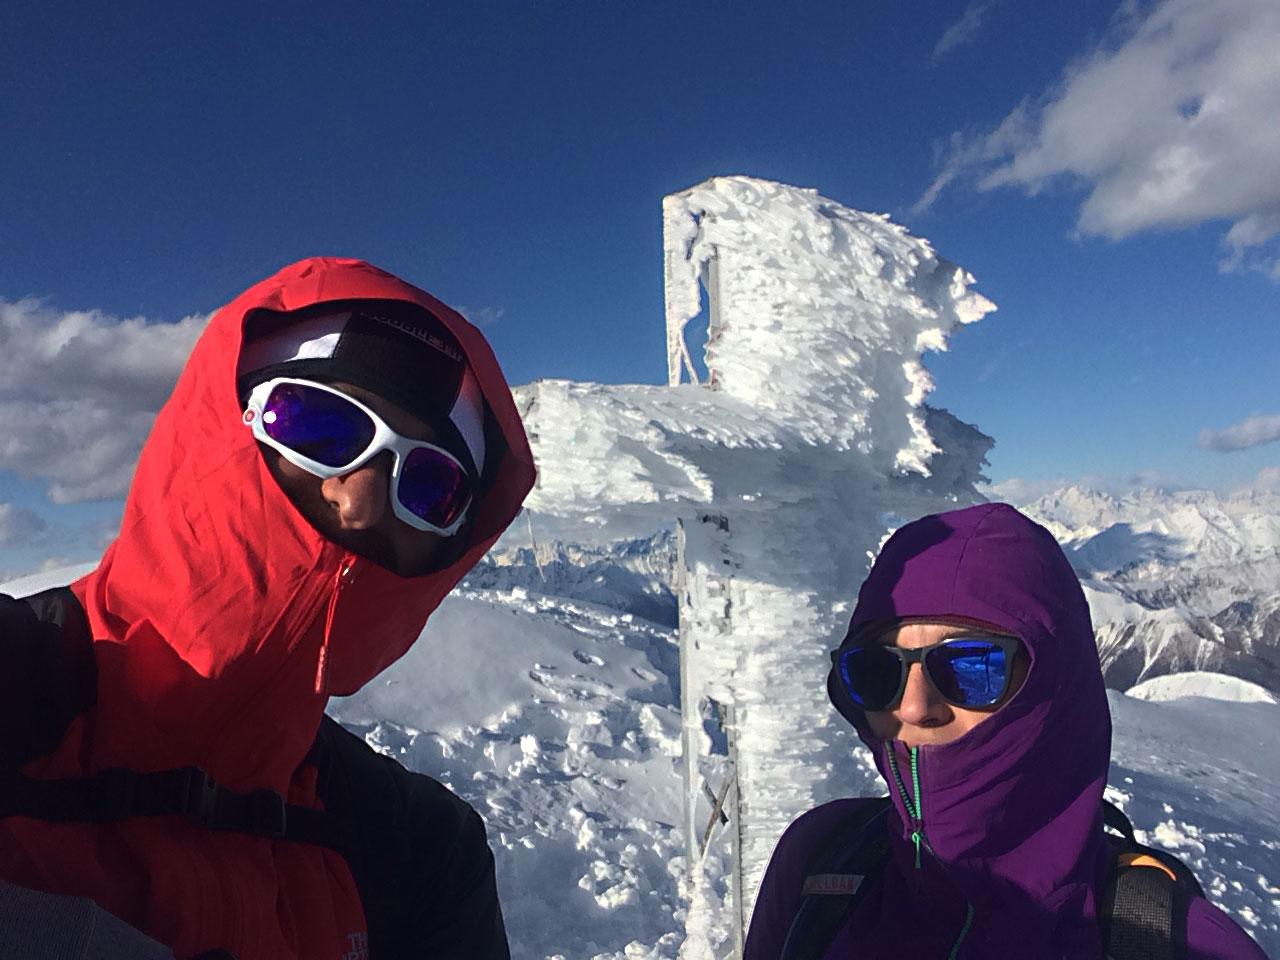 escursione invernale grigna settentrionale rifugio brioschi